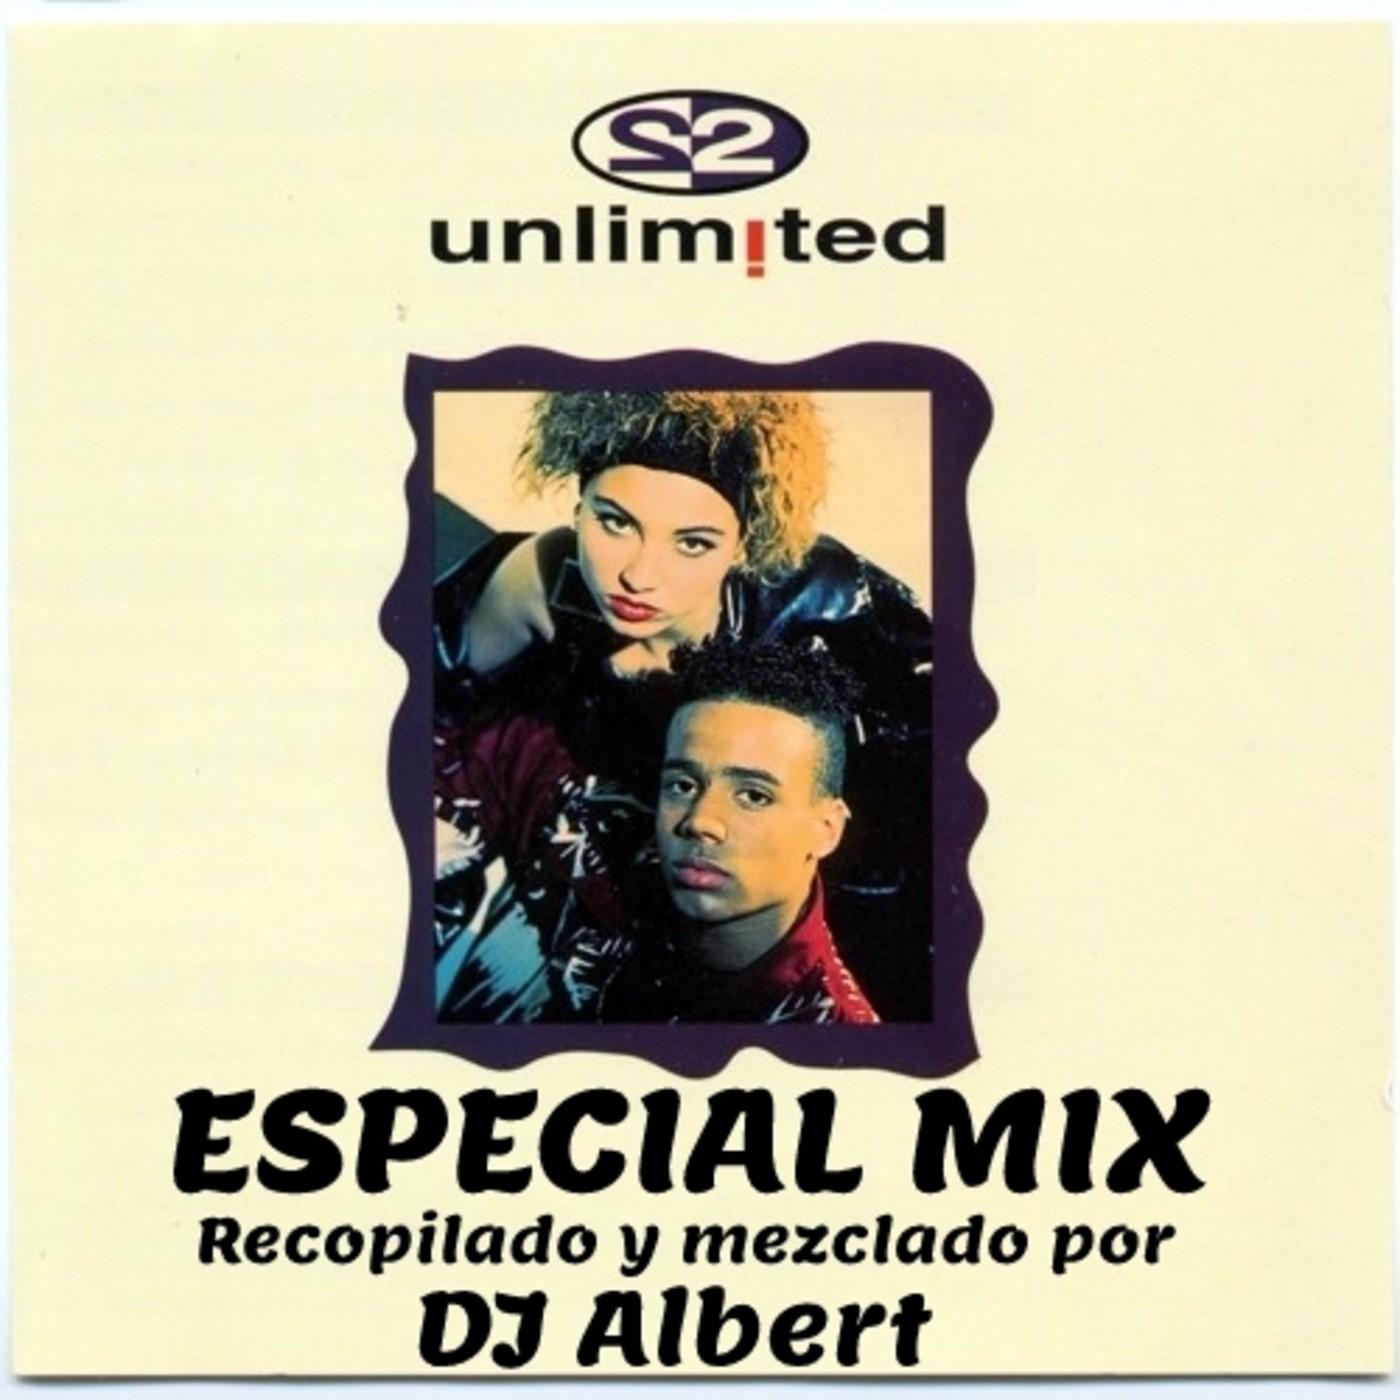 2 UNLIMITED ESPECIAL MIX Recopilado y mezclado por DJ Albert